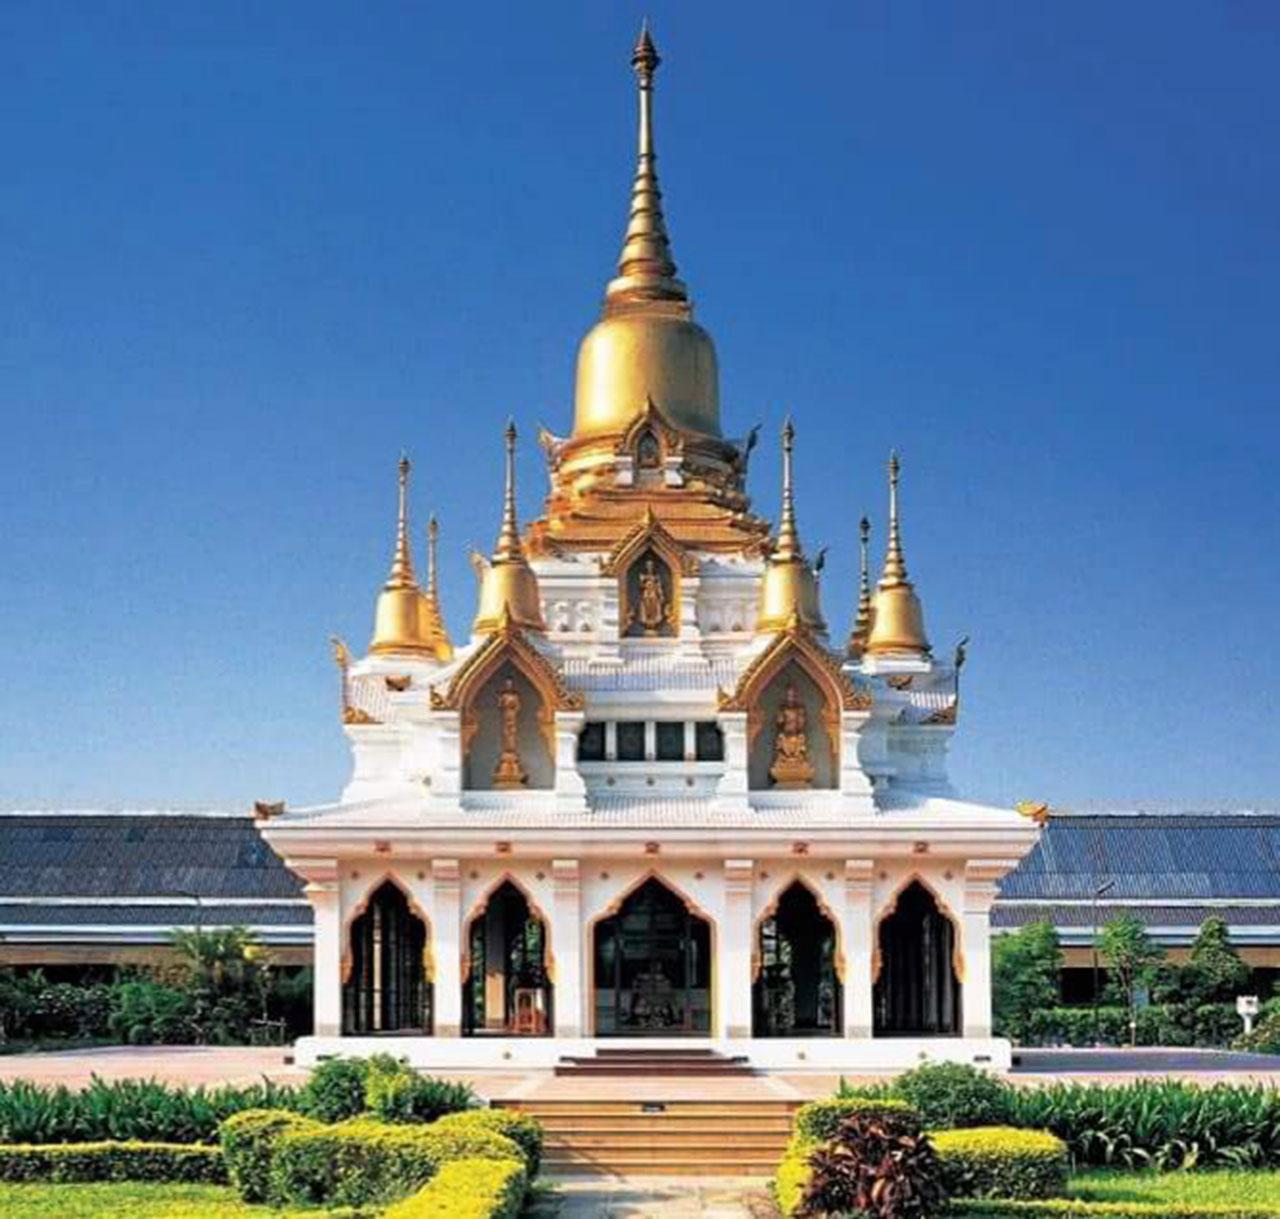 พระมหาธาตุเจดีย์เฉลิมราชศรัทธา ซึ่ง พระบาทสมเด็จพระบรมชนกาธิเบศรมหาภูมิพลอดุลยเดชมหาราช บรมนาถบพิตร โปรดเกล้าฯให้สร้างขึ้น ณ วัดไทยกุสินาราเฉลิมราชย์อินเดีย.